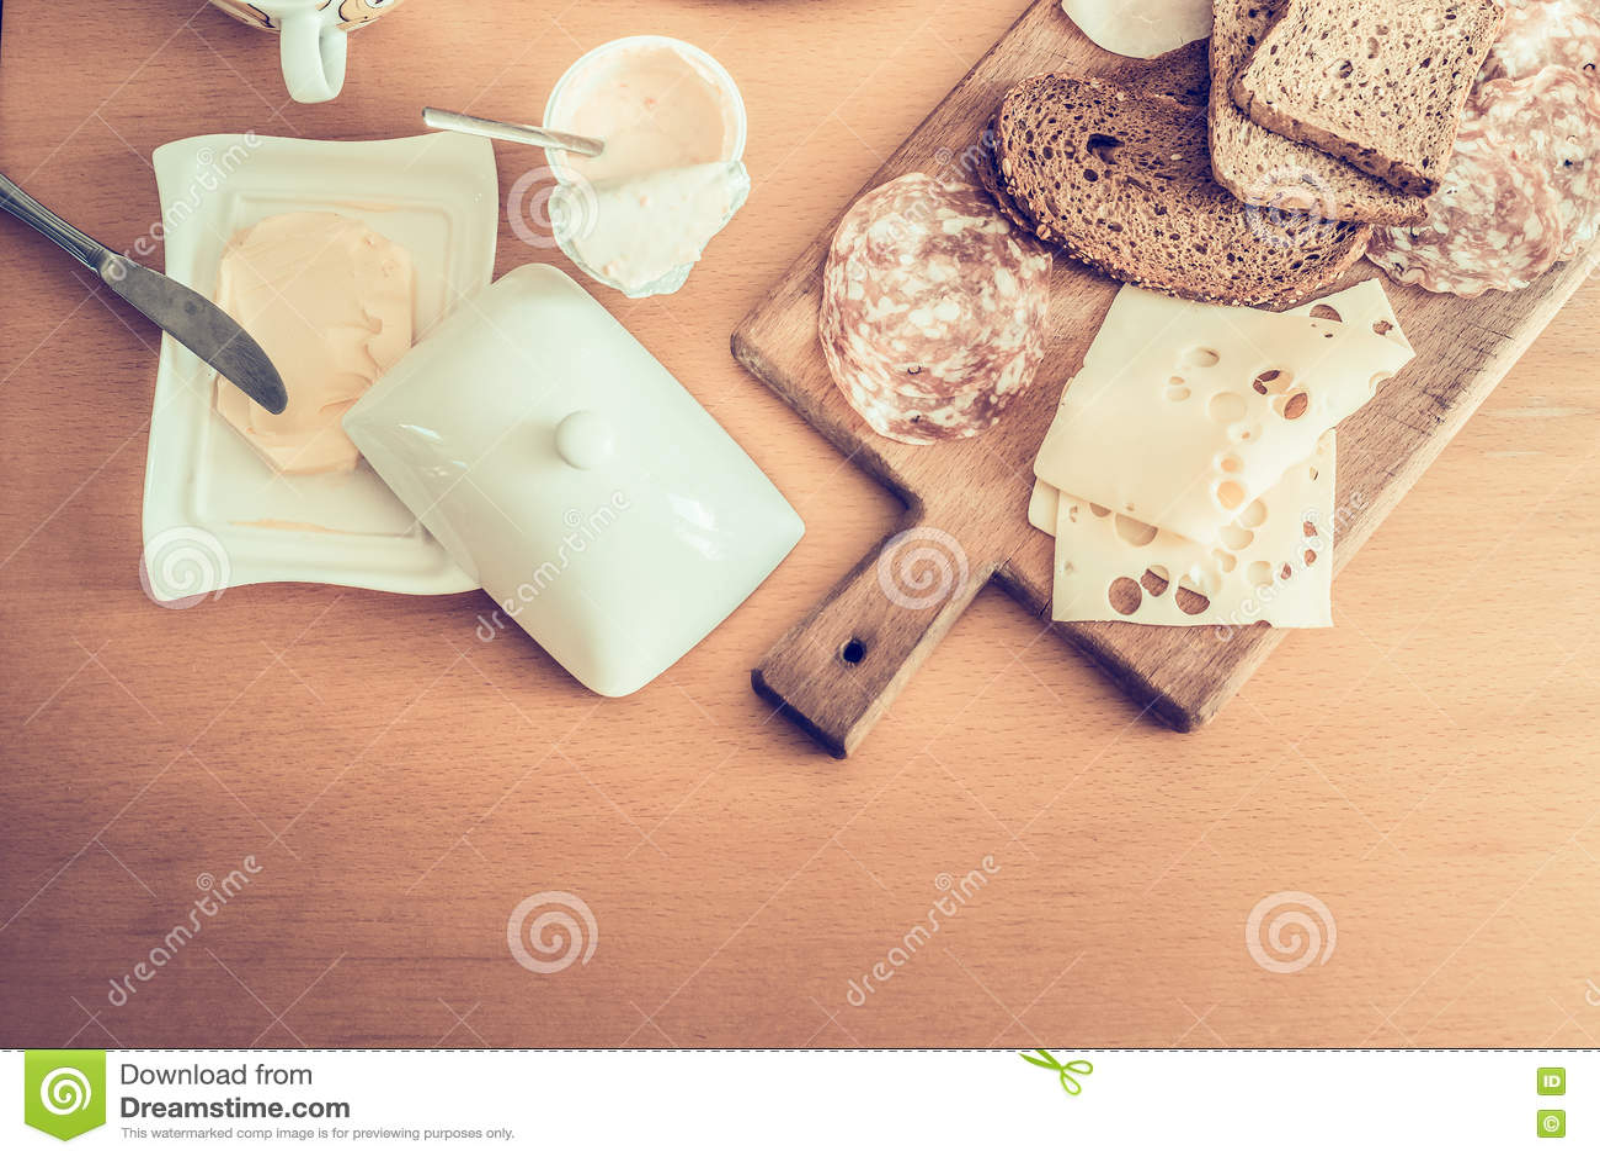 Питательный завтрак, ингридиенты для делать сандвичи с салями, масло и сыр, югурт на взгляд сверху деревянного стола